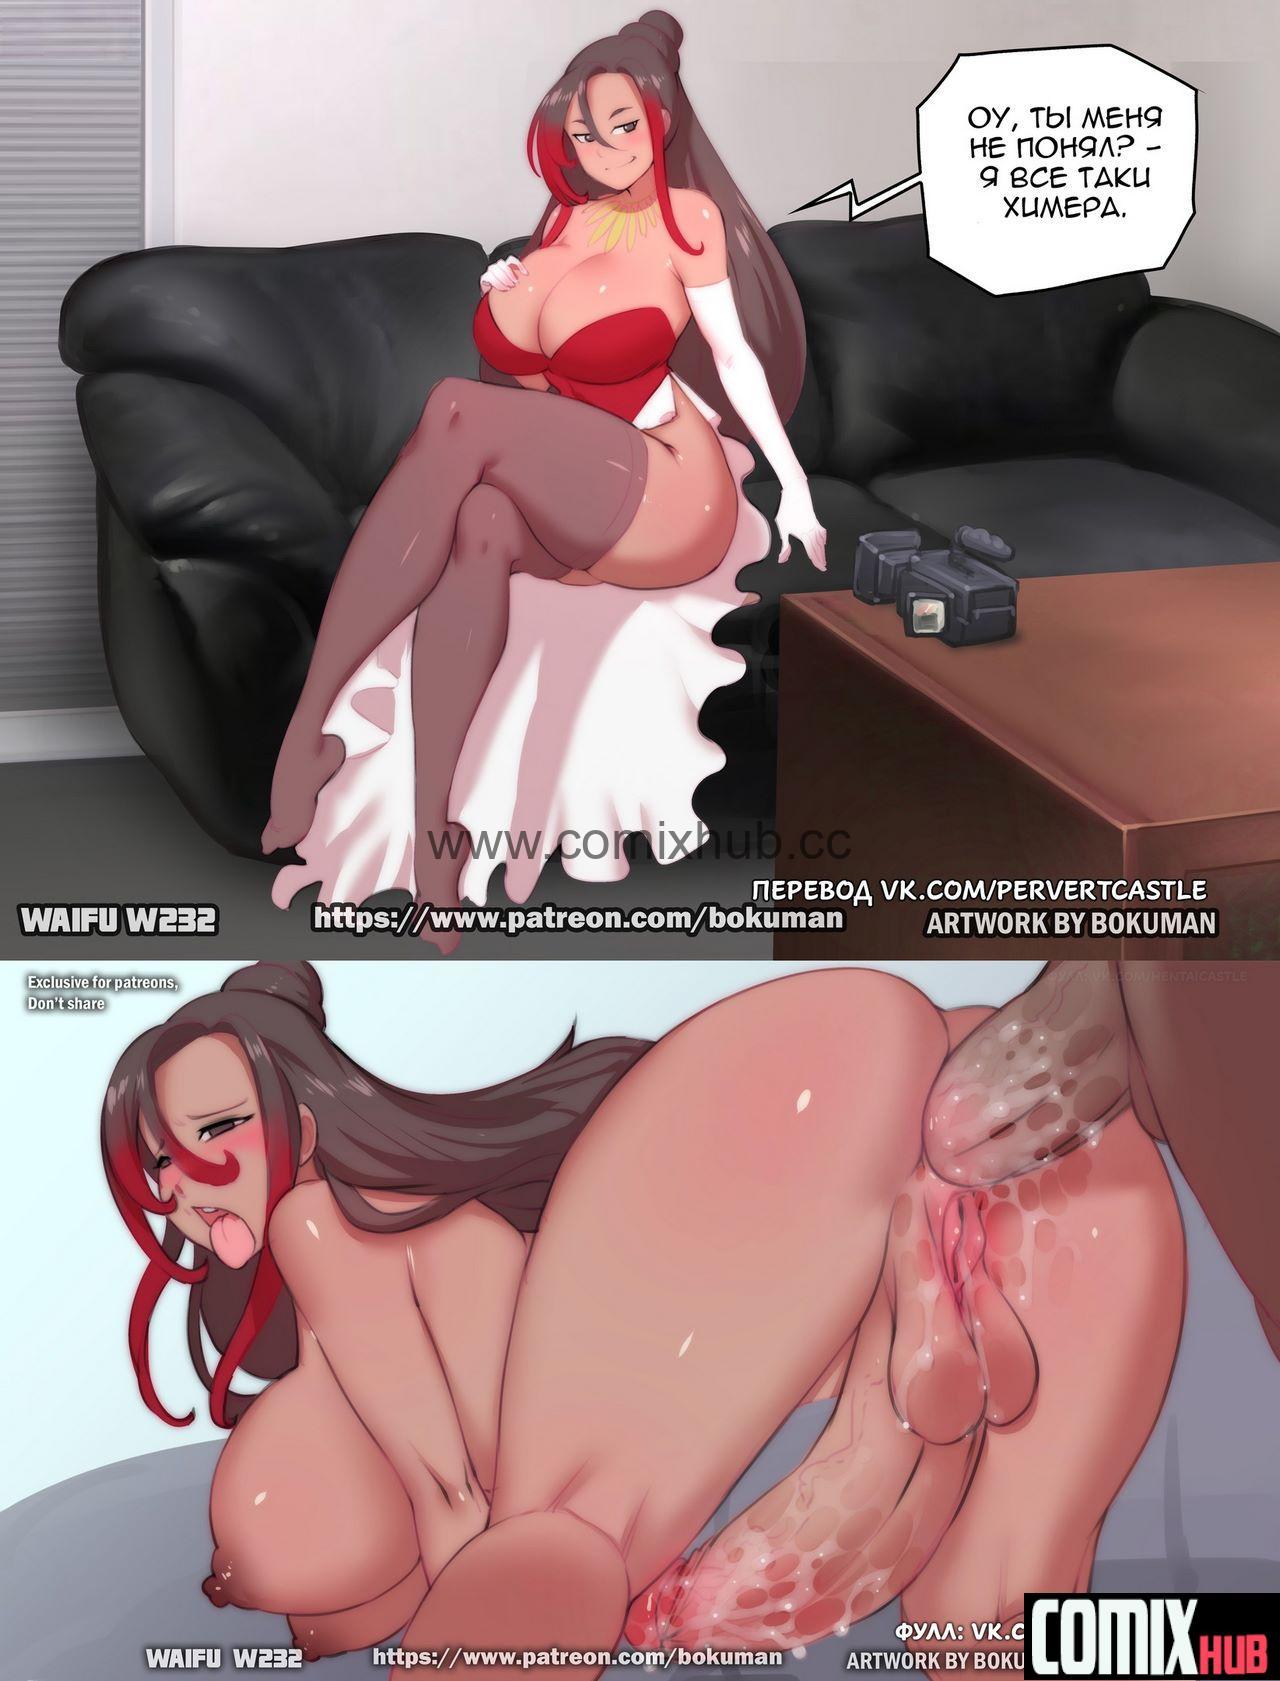 Порно комикс, Вайфу на диване, часть 5 Порно комиксы, Большая грудь, Большие члены, Герои из мультиков, Групповой секс, Двойное проникновение, По играм